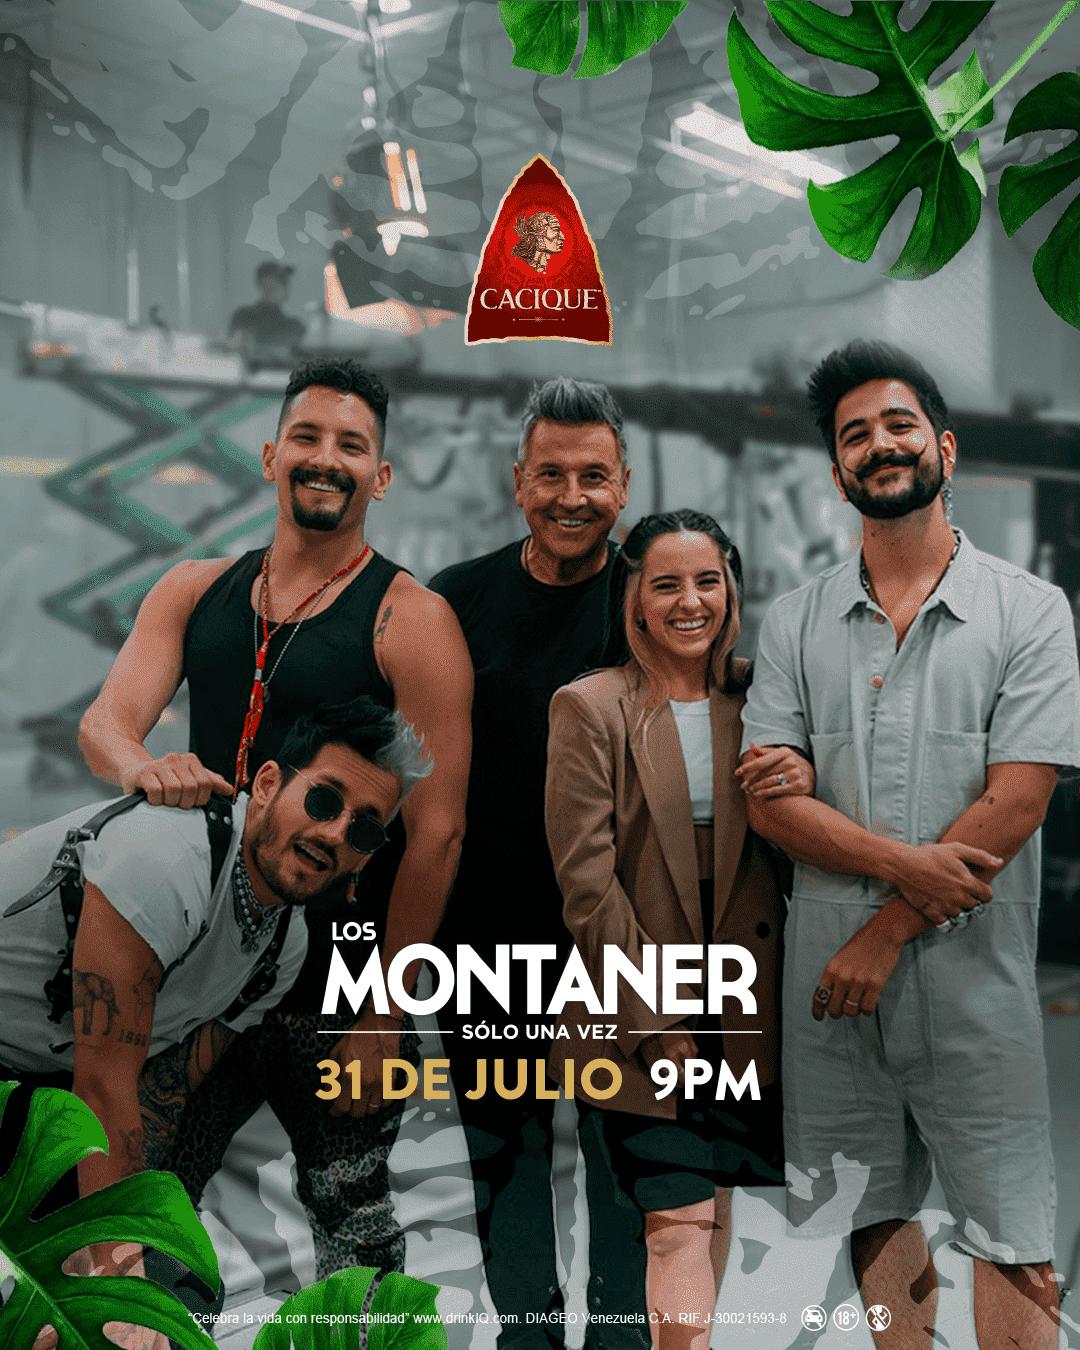 Ron Cacique te invita a disfrutar el concierto de  Los Montaner: Solo una vez